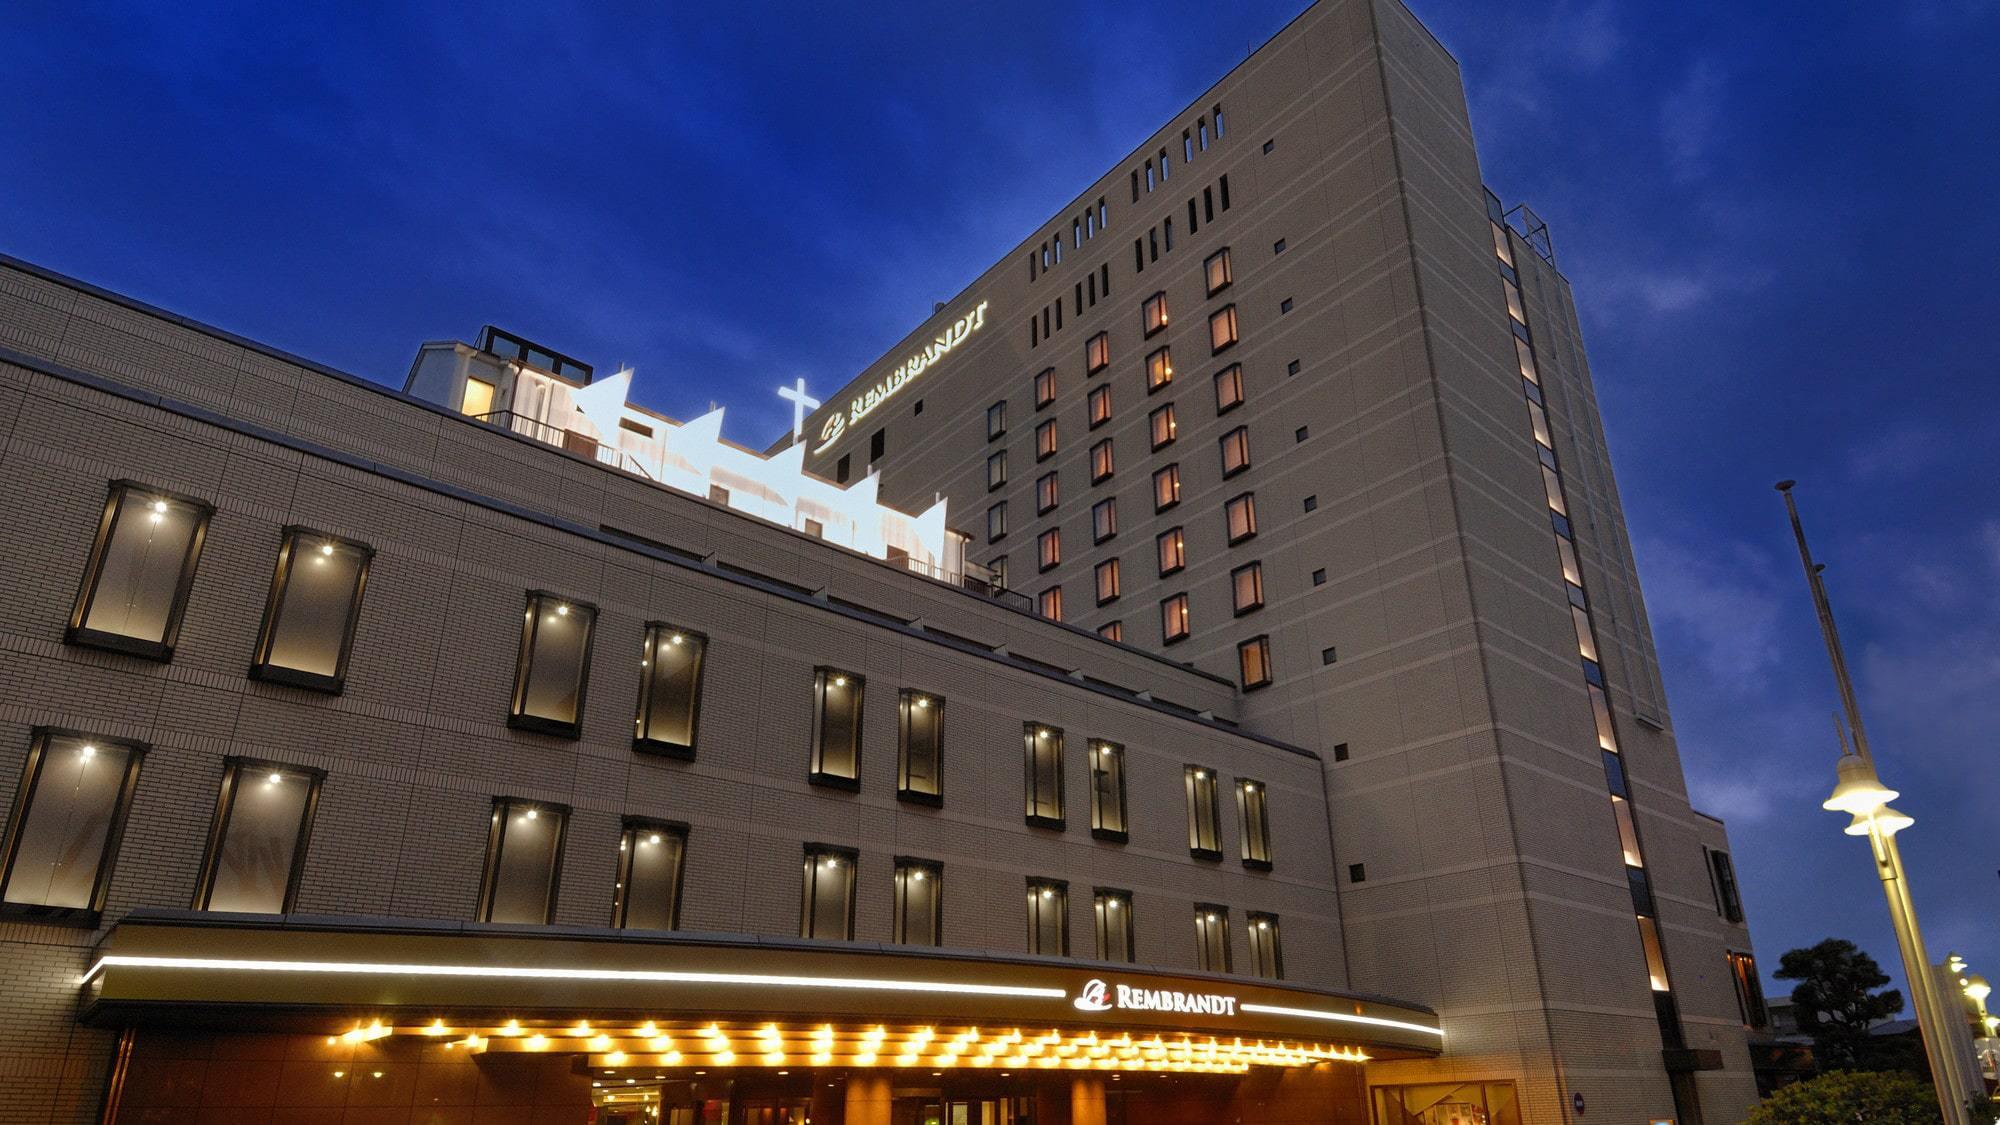 レンブラント ホテル 厚木◆楽天トラベル